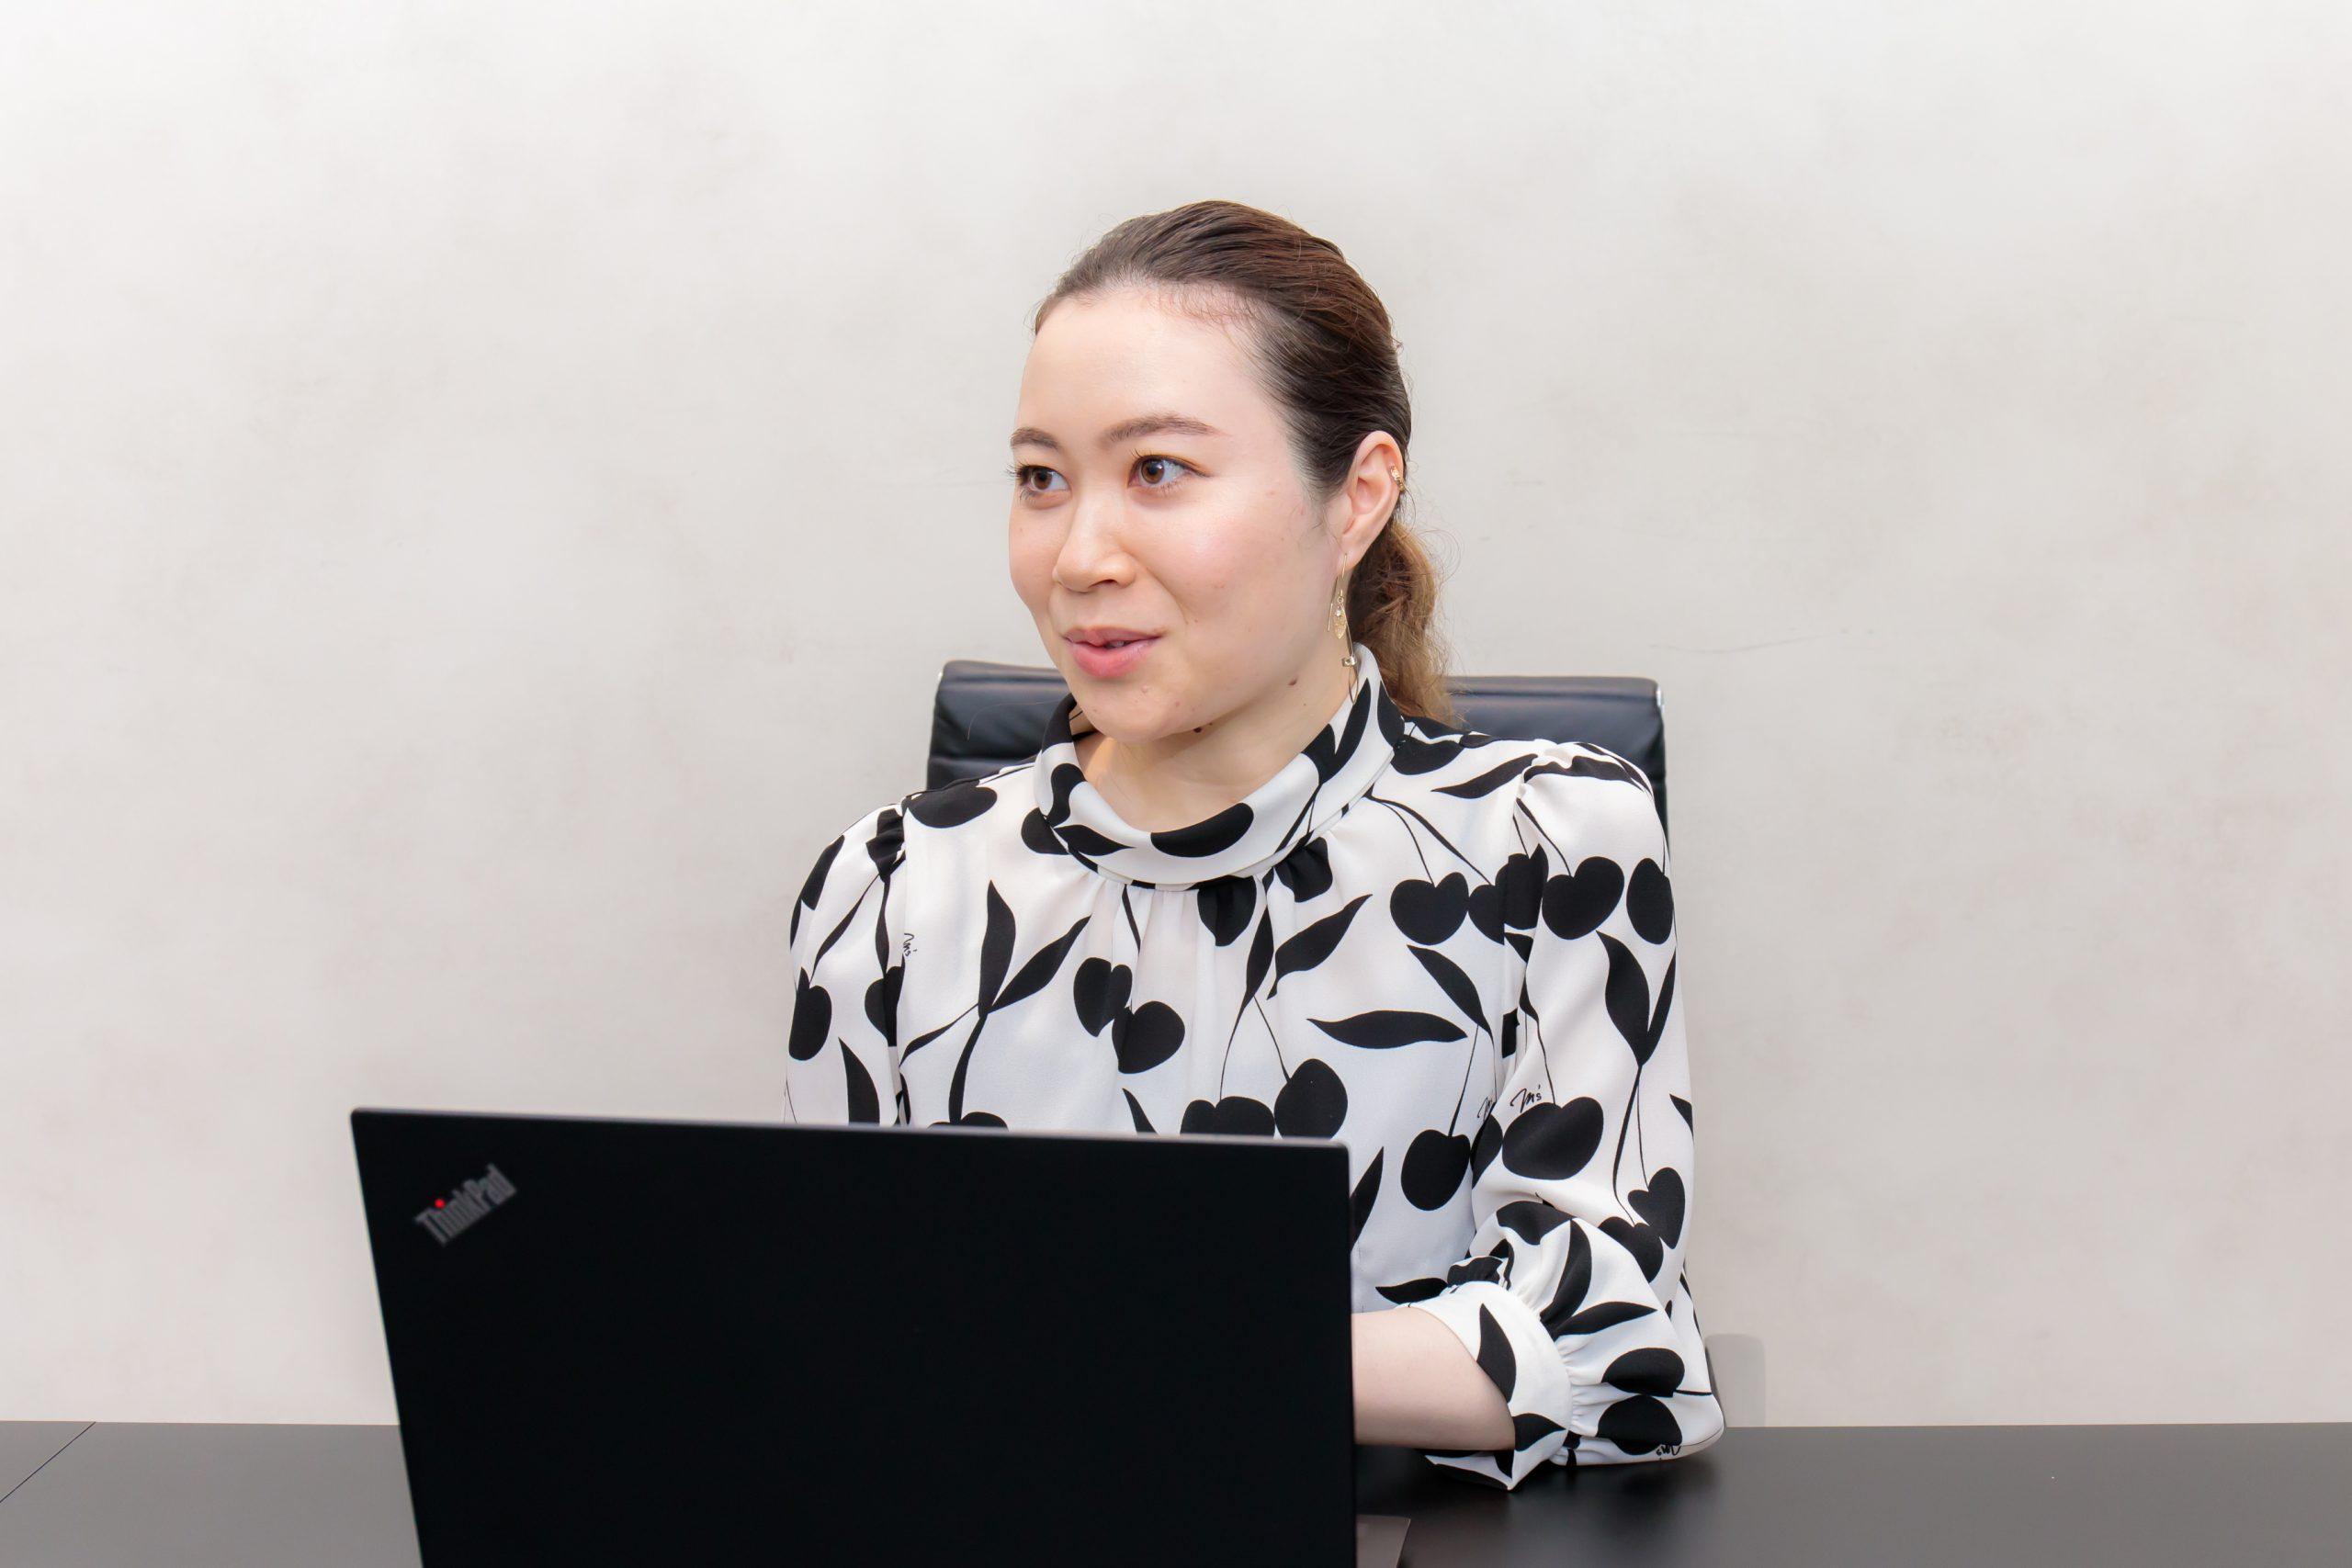 レバレジーズ株式会社 マーケティング部 CRMチーム 吉野 めぐみ さん